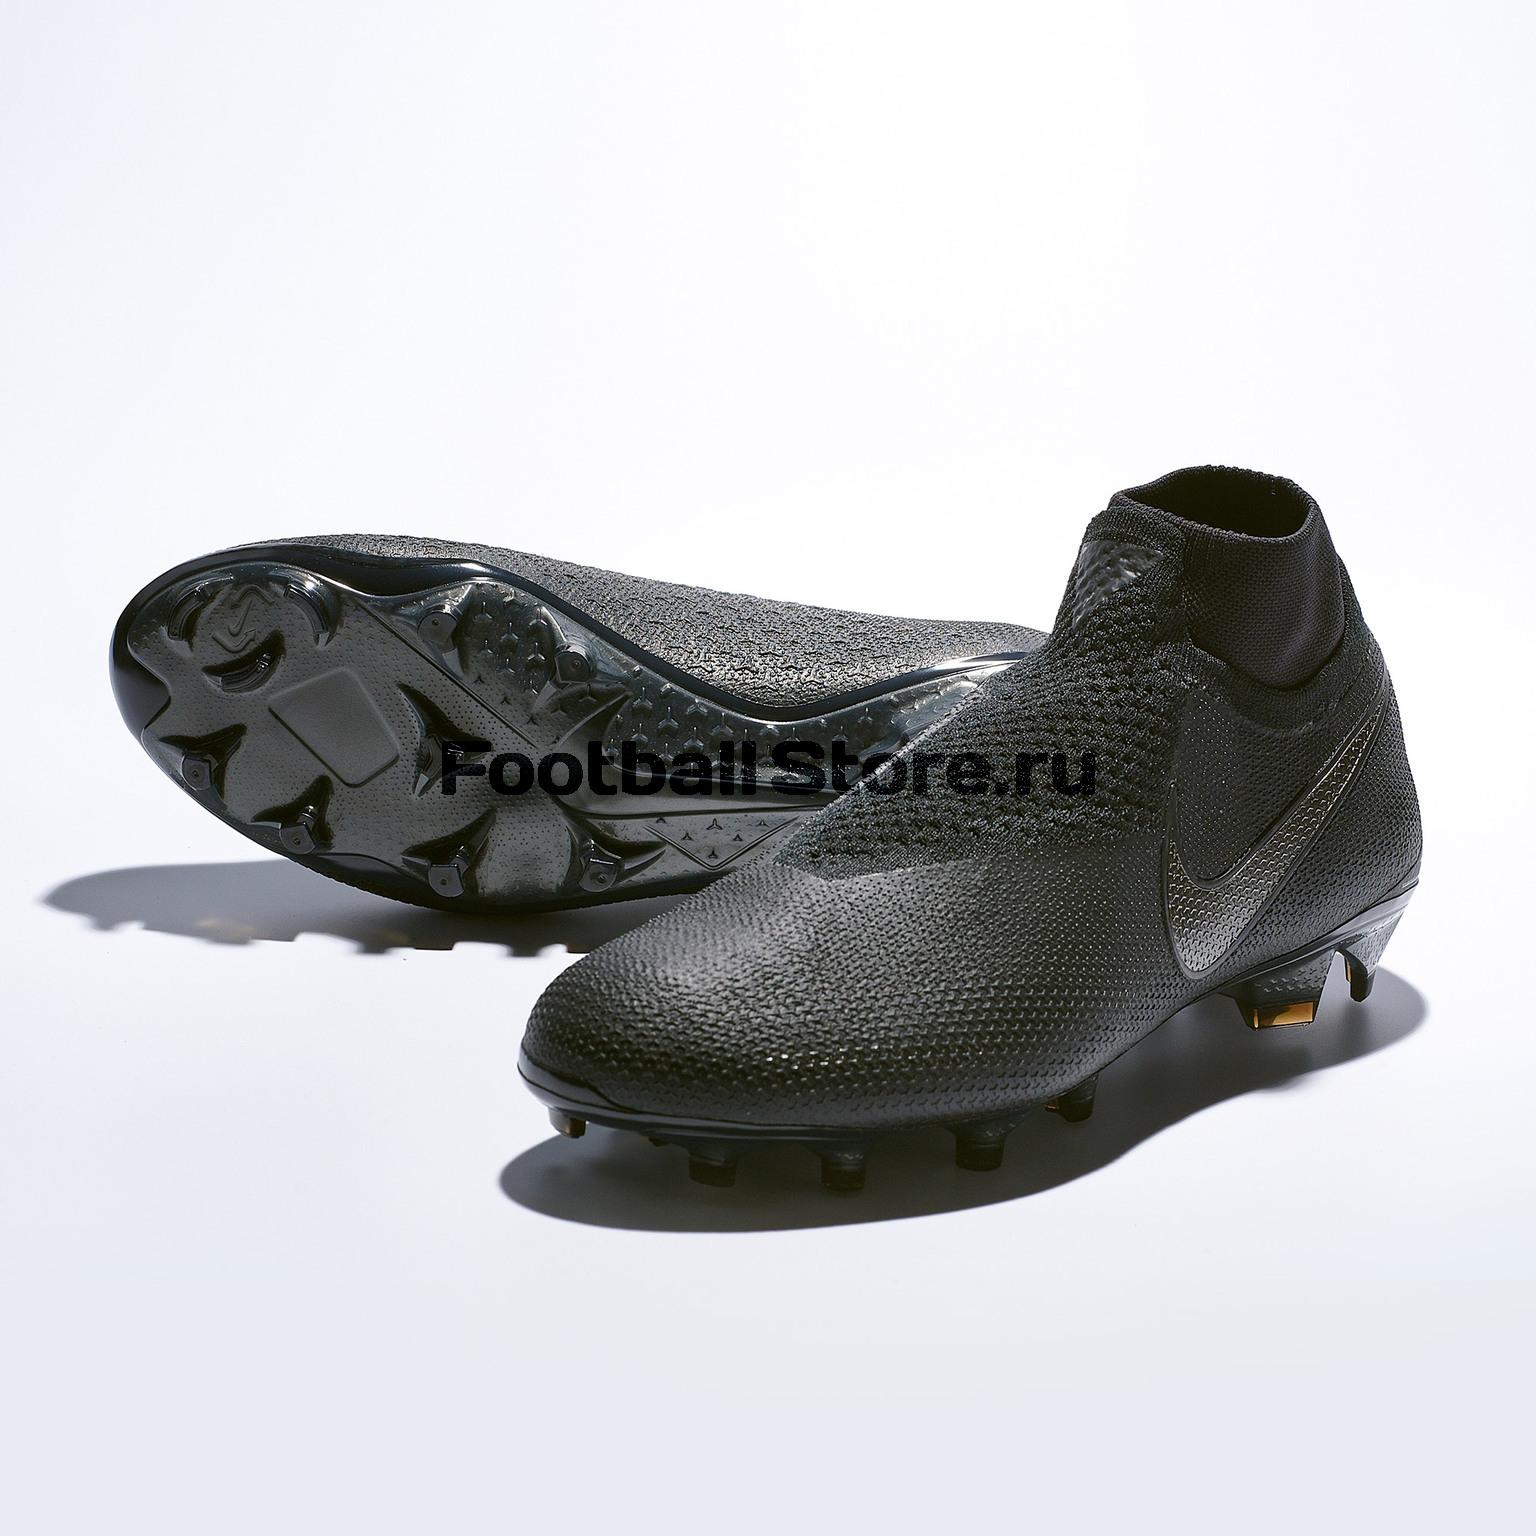 Бутсы Nike Phantom Vision Elite DF FG AO3262-001 бутсы nike phantom vision elite df ag pro ao3261 606